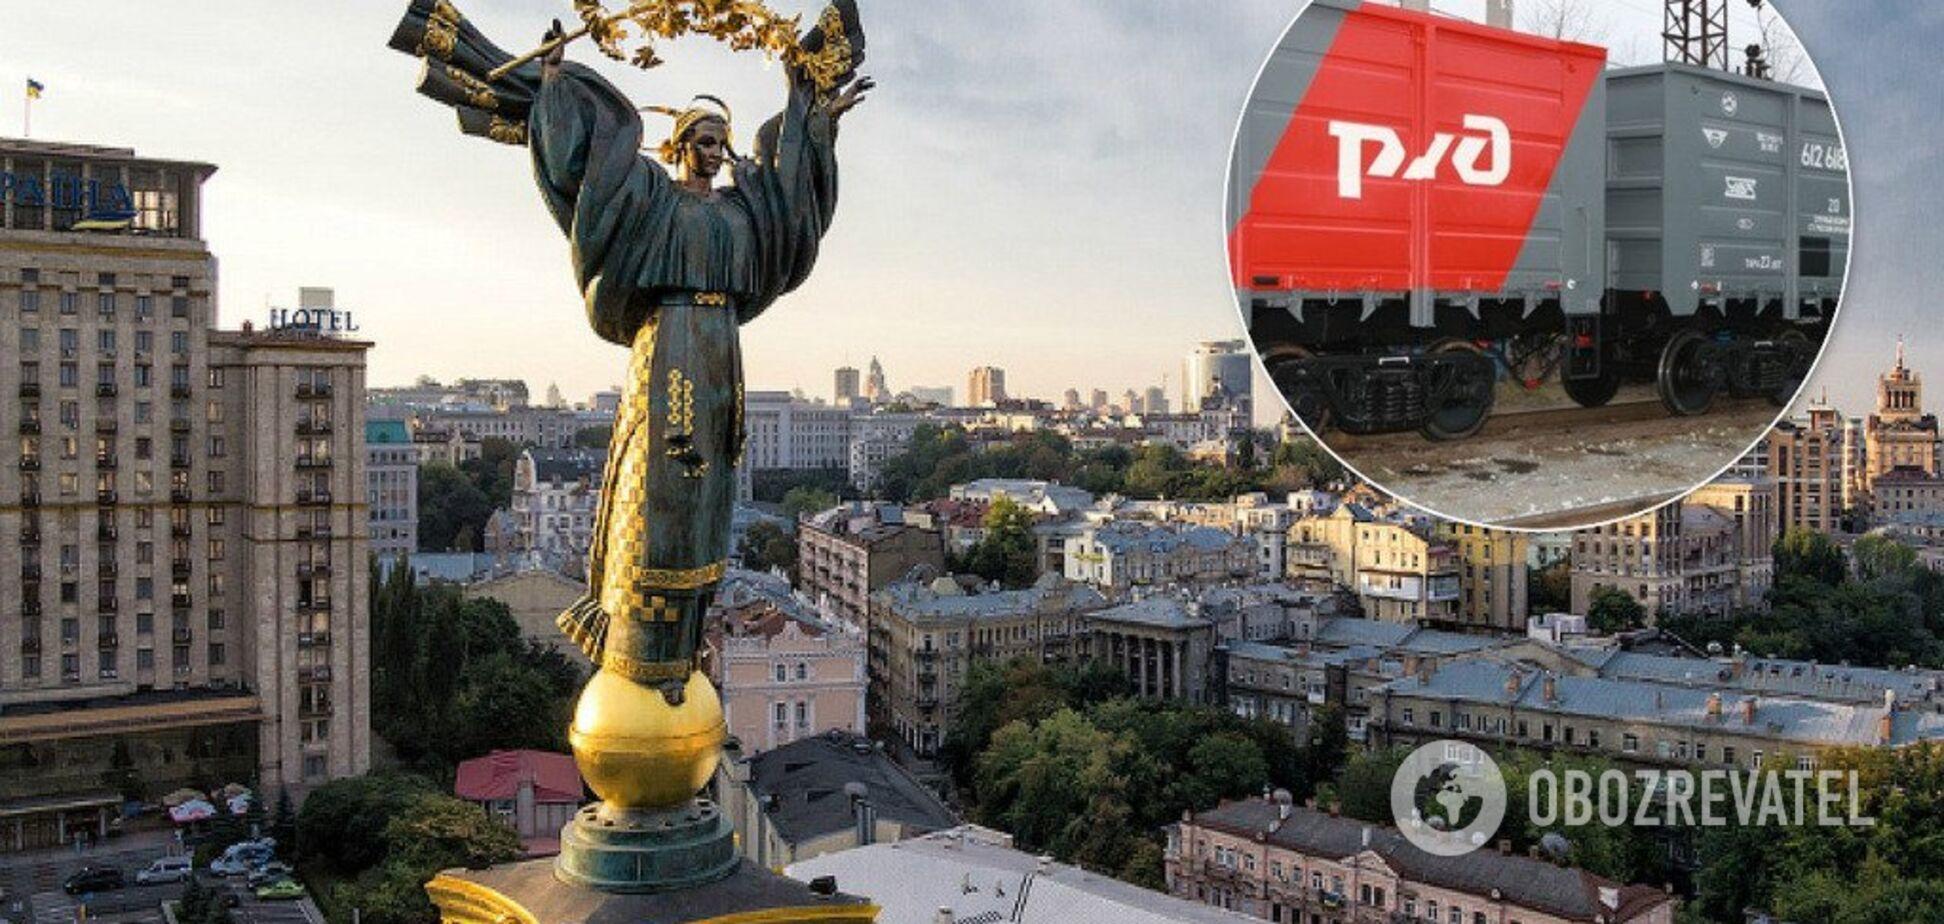 'Торговля на крови?' В сеть попали провокационные факты 'дружбы' с Россией